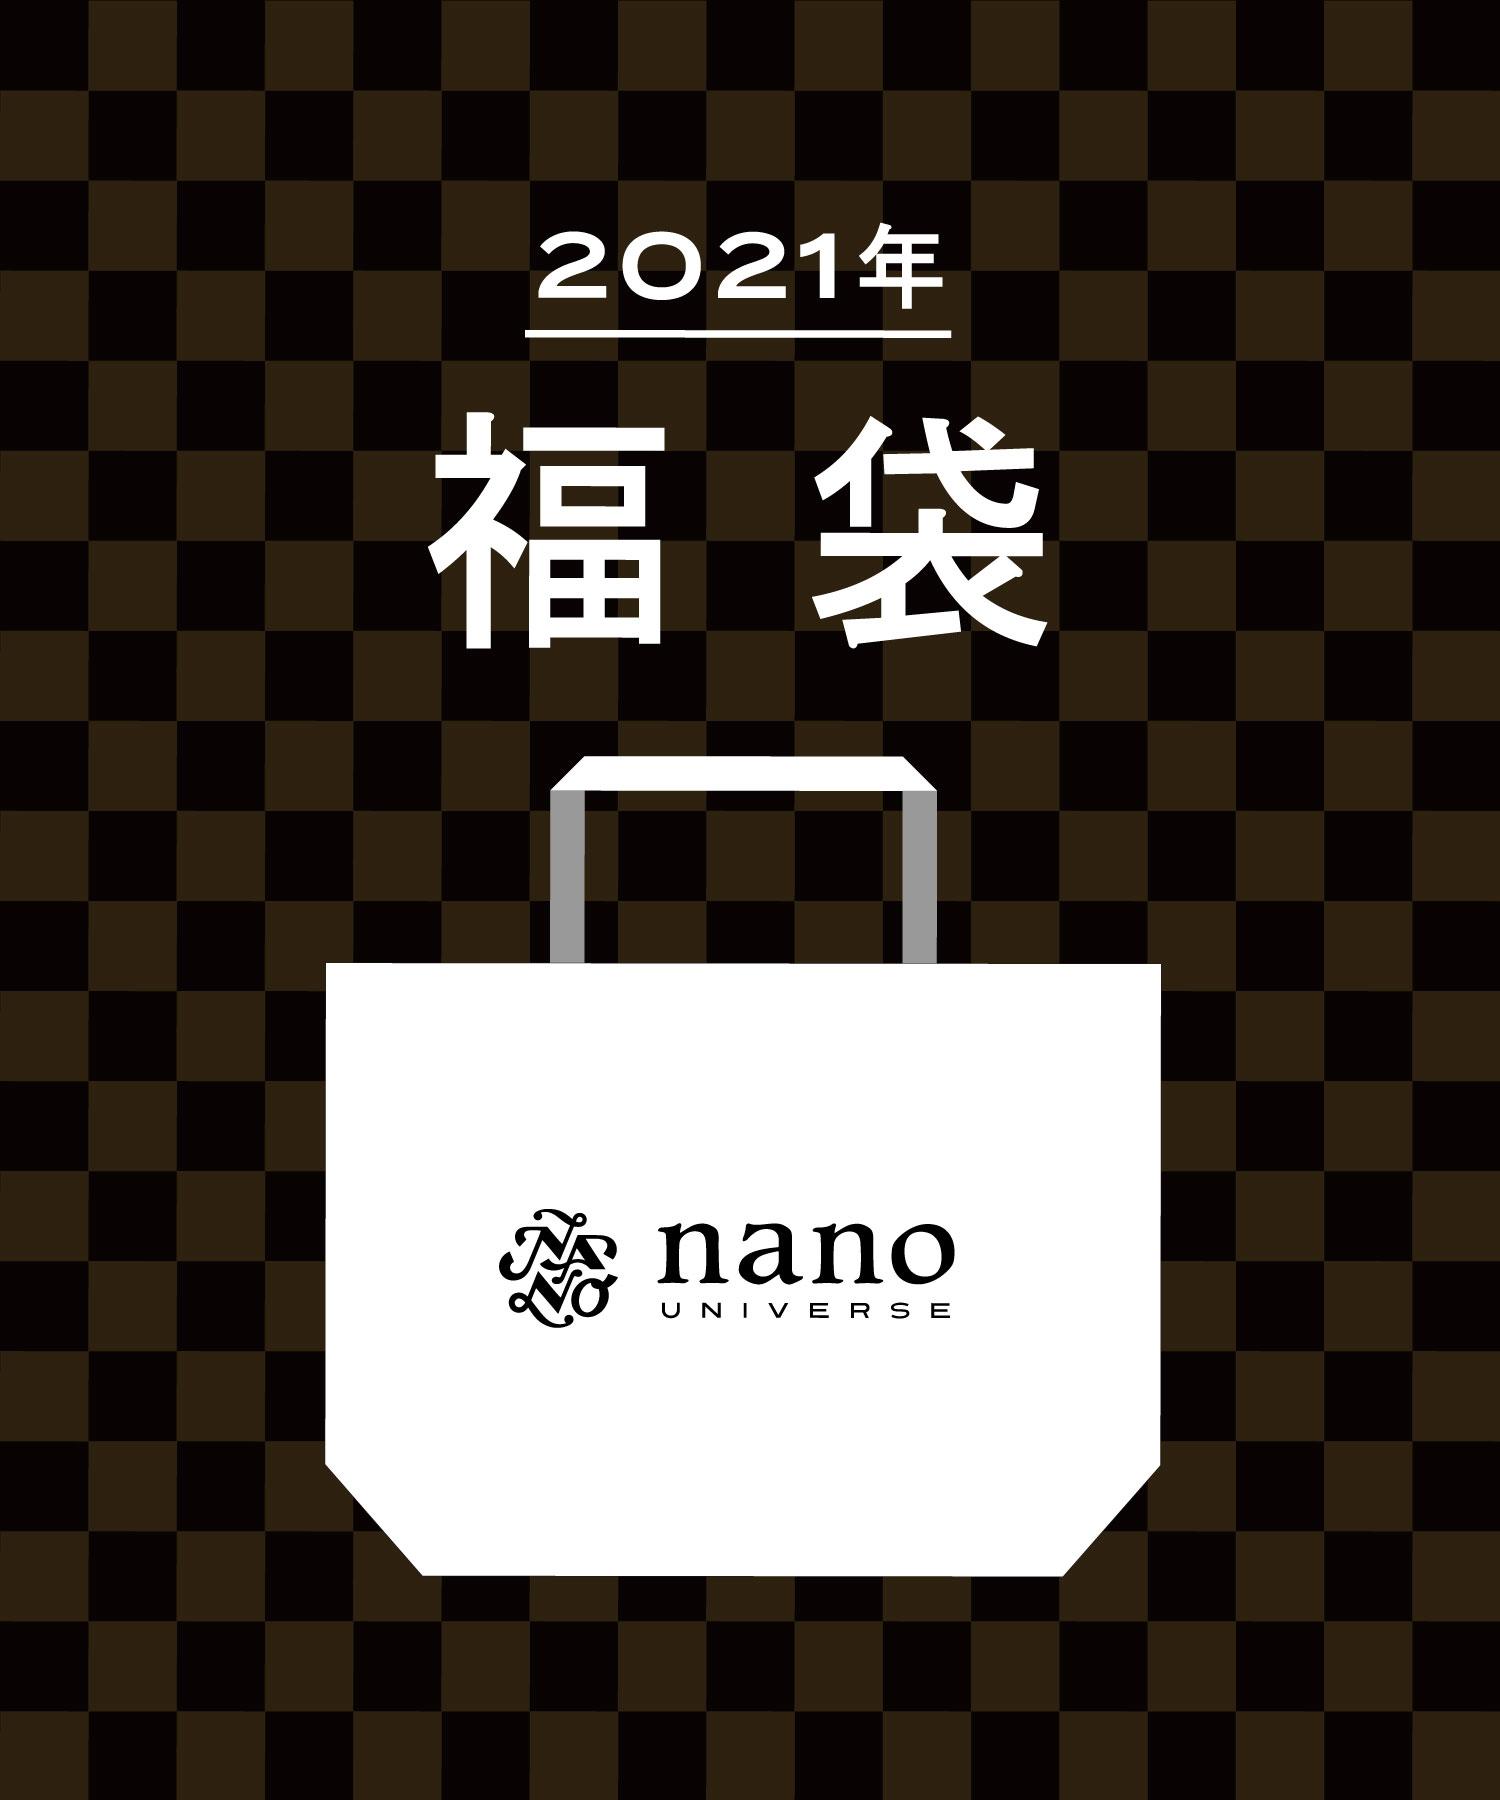 ユニバース 福袋 メンズ ナノ メンズ福袋!2021年おすすめブランド5選!ナノユニバース・コムサイズム